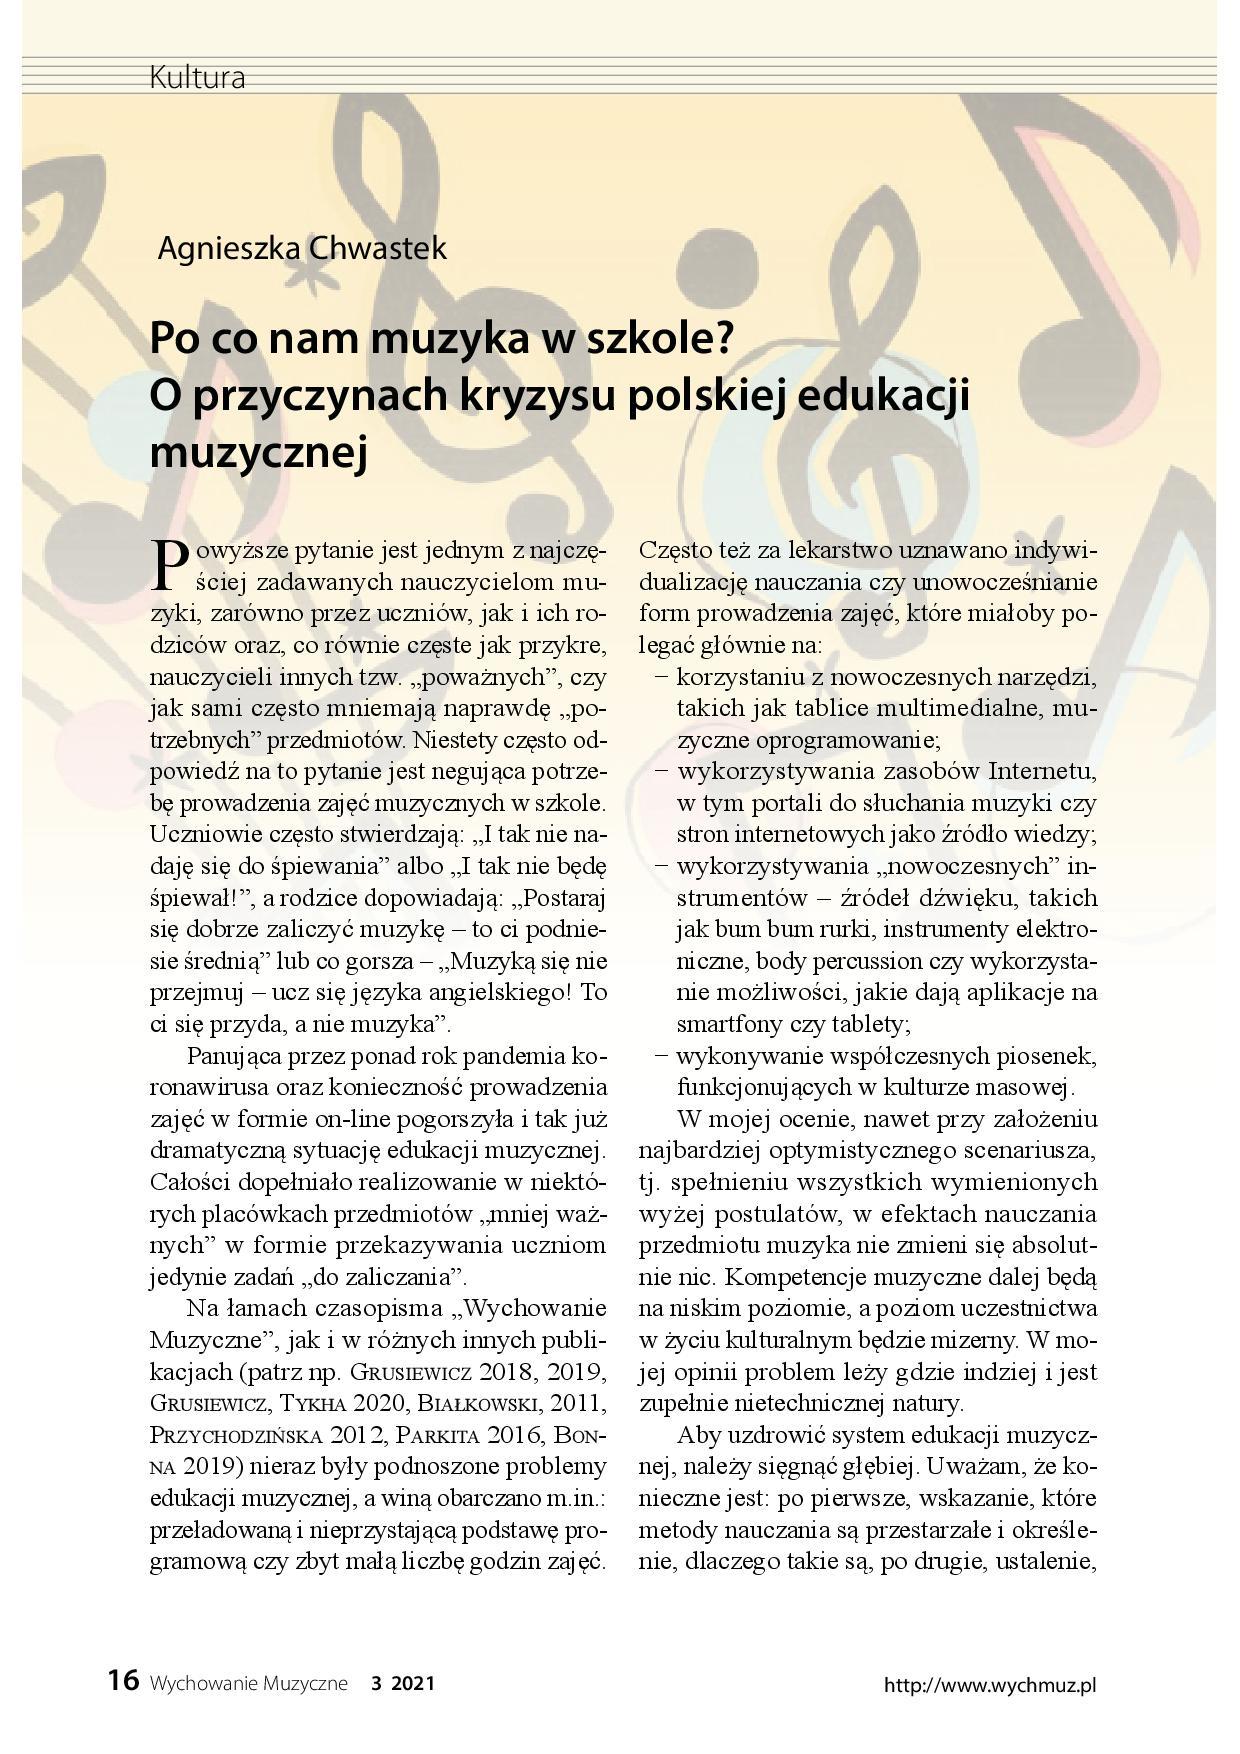 Po co nam muzyka w szkole? O przyczynach kryzysu polskiej edukacji muzyczne